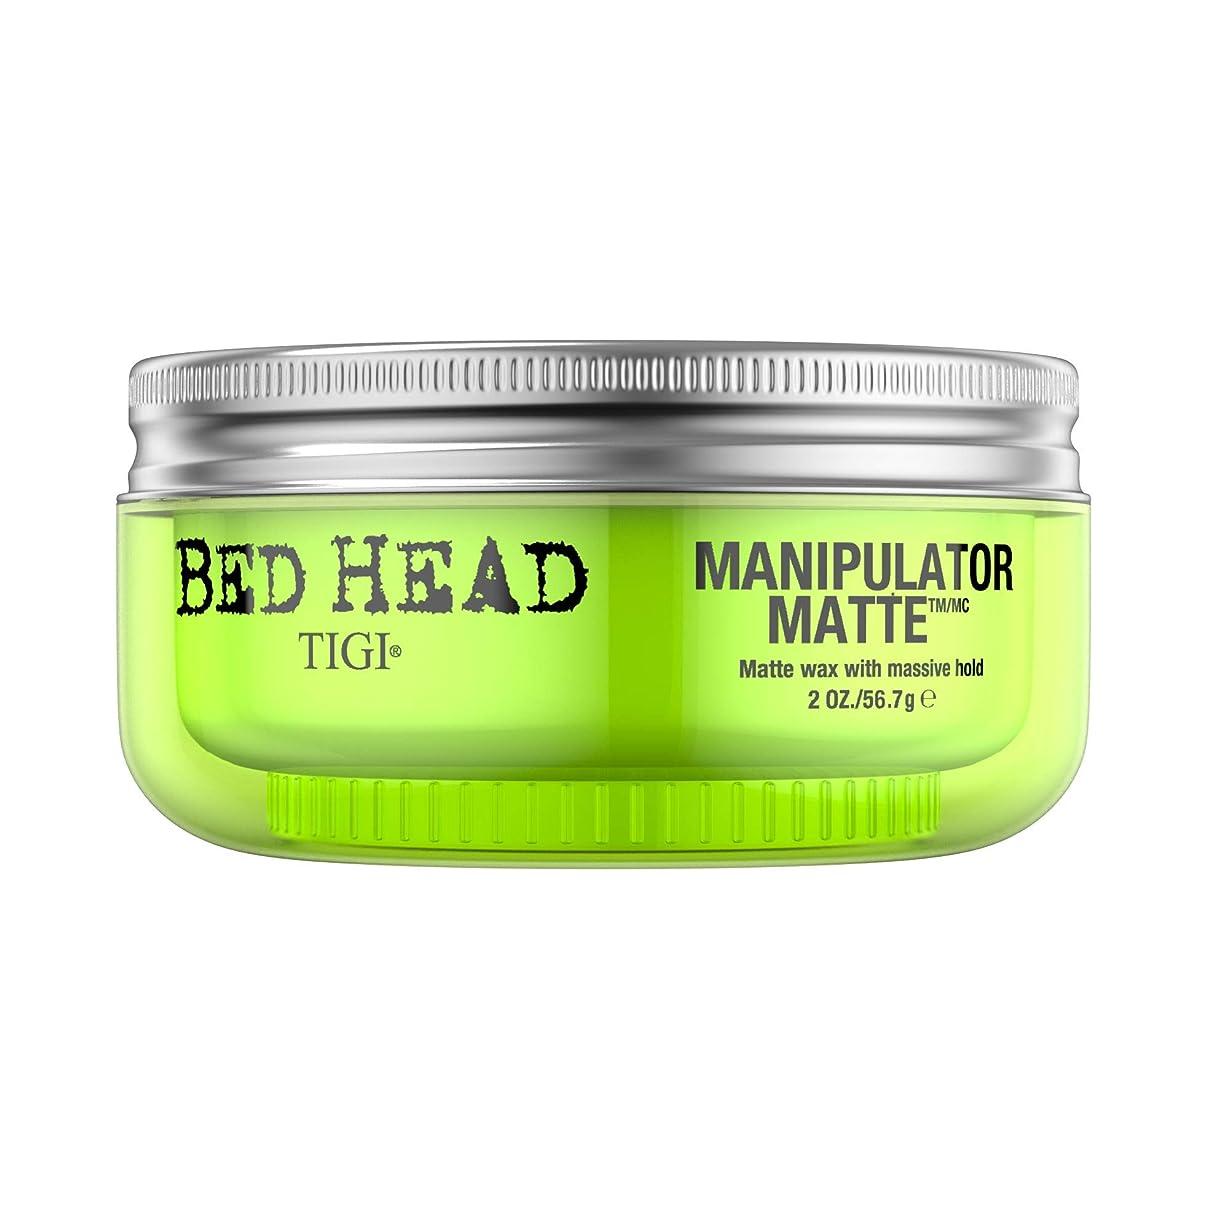 届ける極めて起きてティジー Bed Head Manipulator Matte - Matte Wax with Massive Hold 57.2g/2oz [海外直送品]